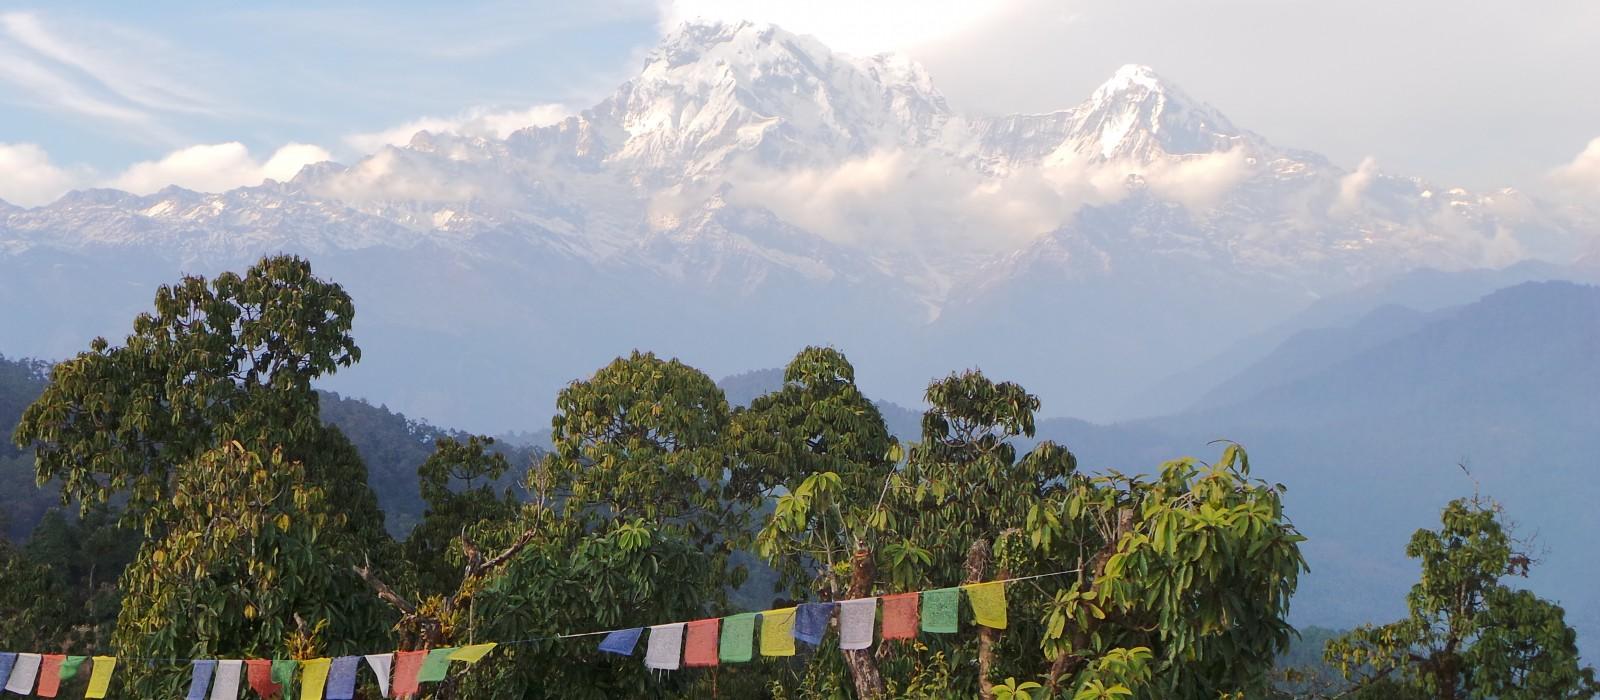 Trekking in Nepal-Day 1